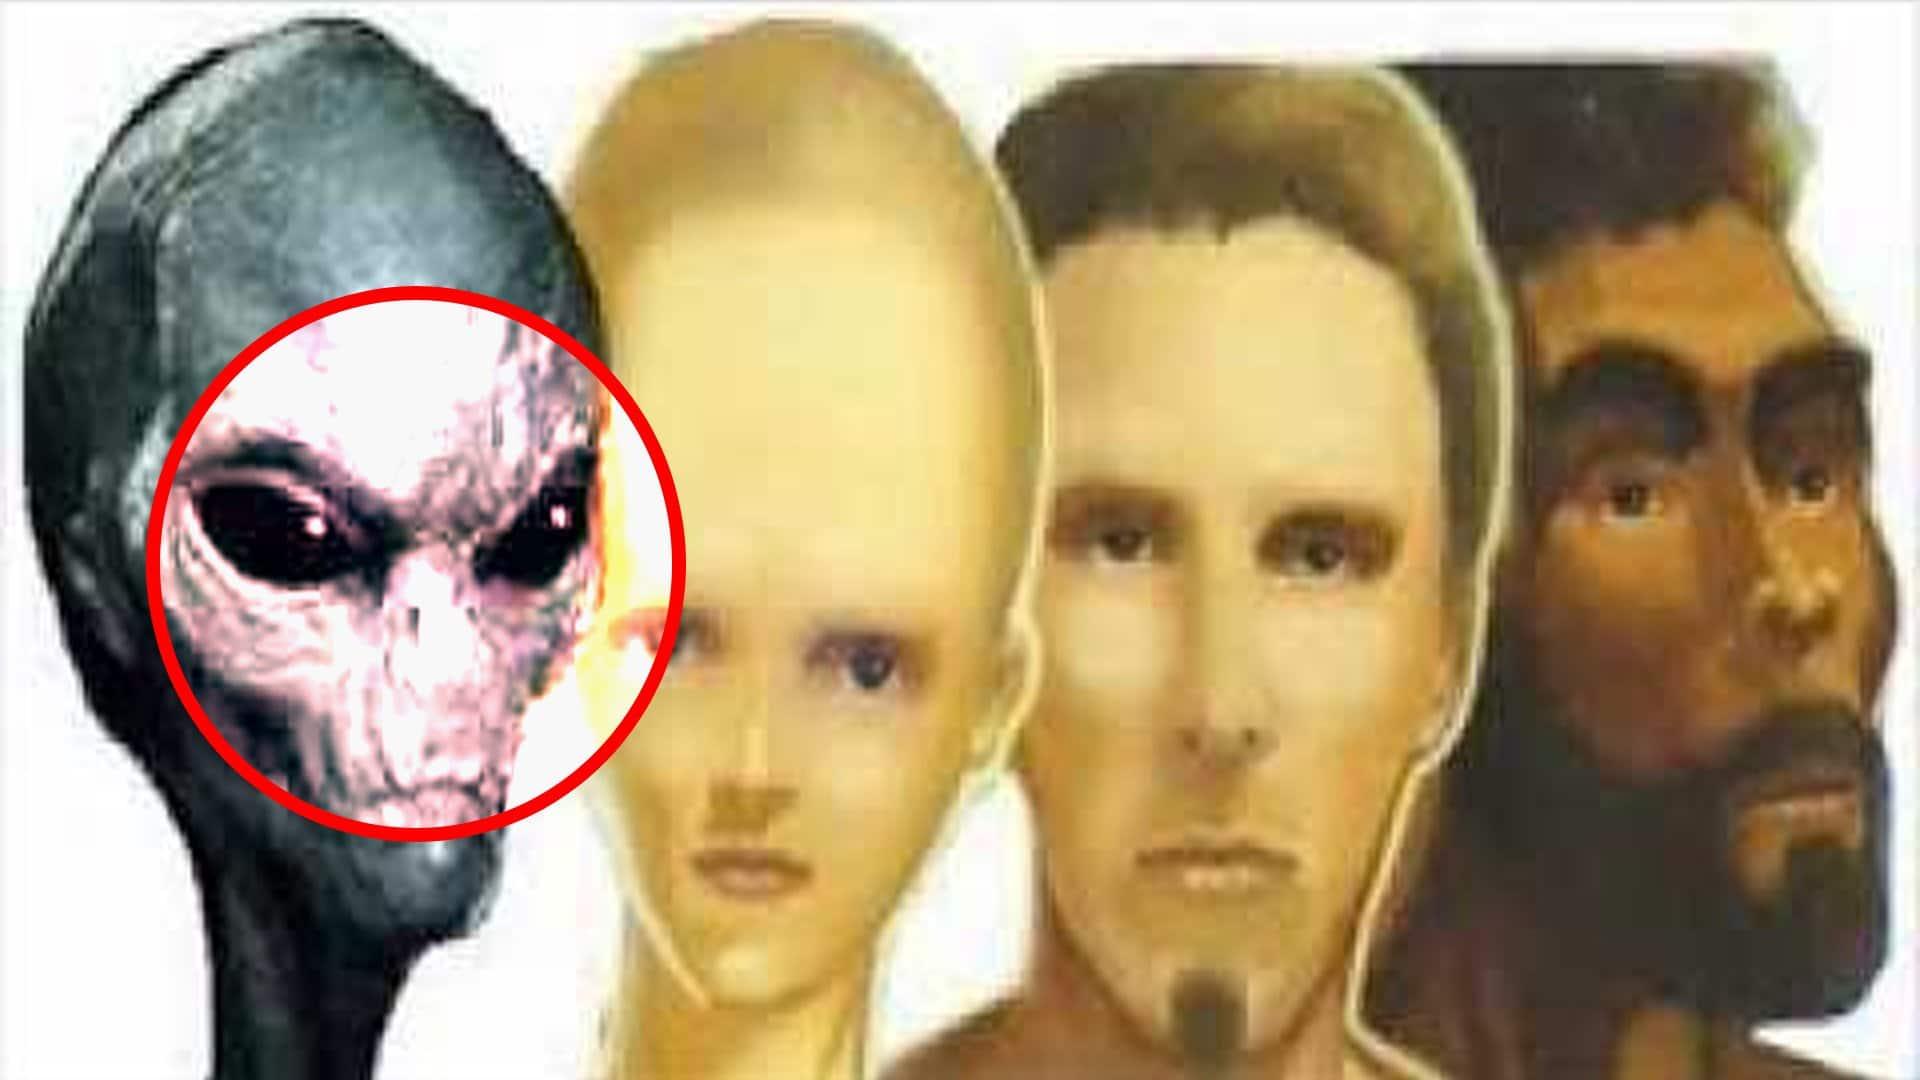 Los humanos son descendientes de los alienígenas según un astronauta de la NASA